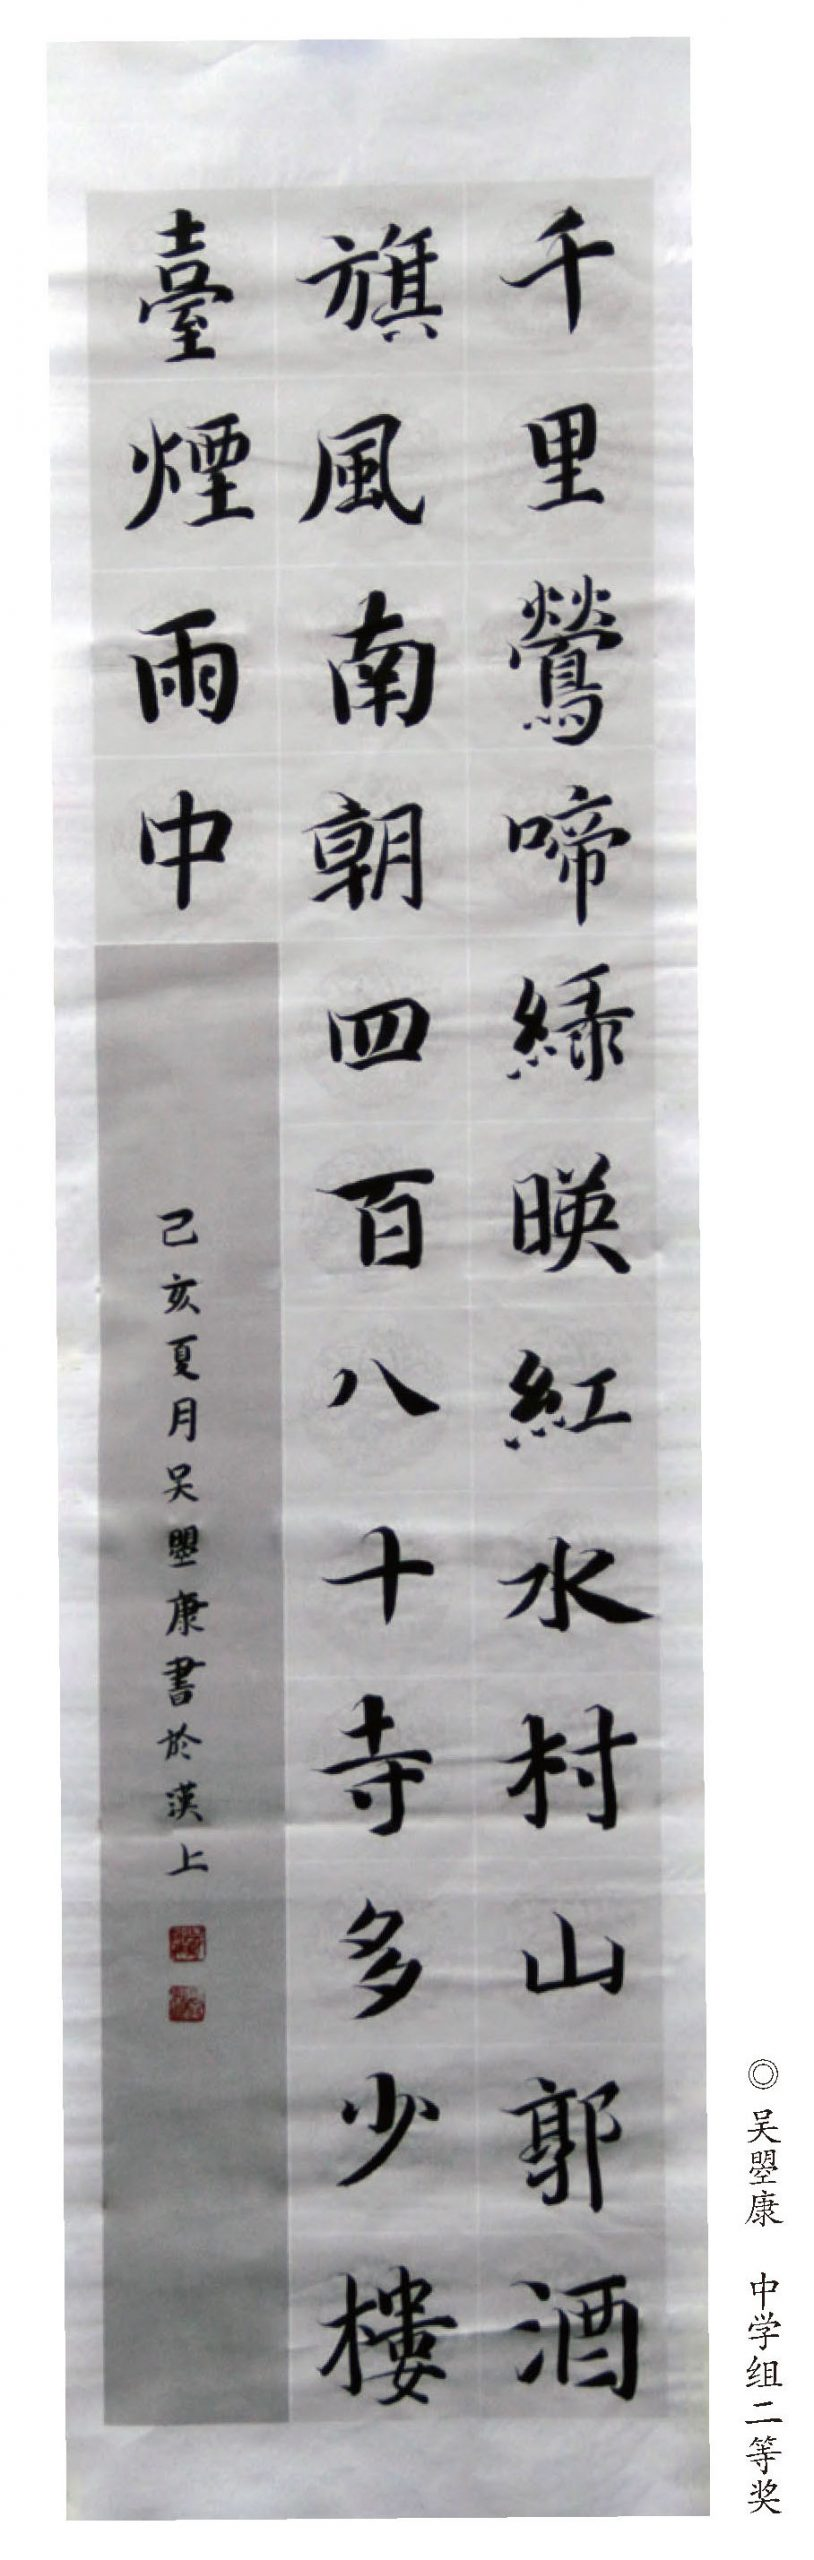 吴曌康 中学组软笔二等奖